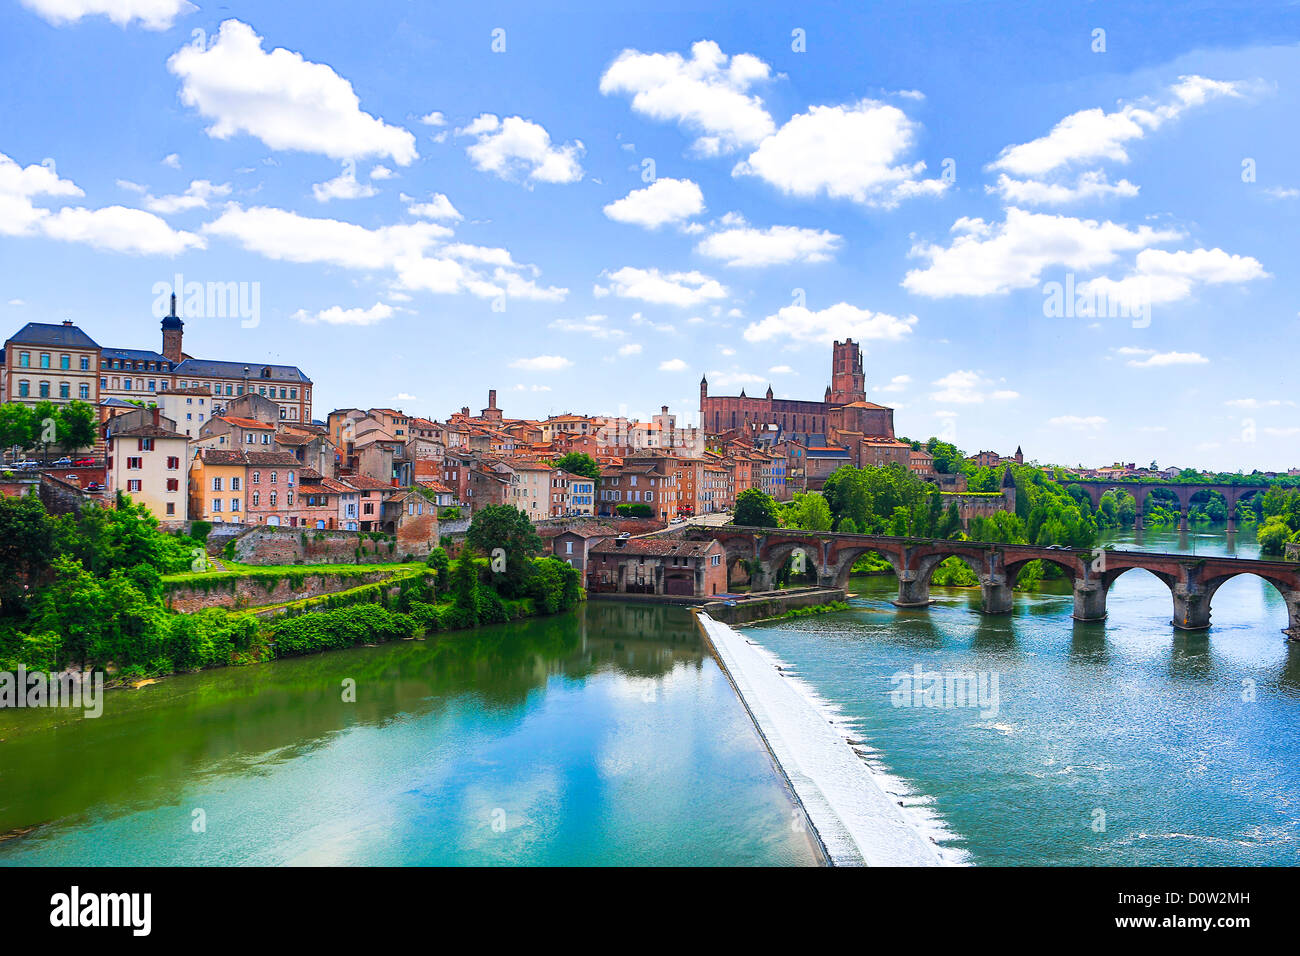 Francia, Europa, viaggi, Albi, Saint Cecile, Cattedrale, patrimonio mondiale, il ponte sul fiume, architettura, Immagini Stock